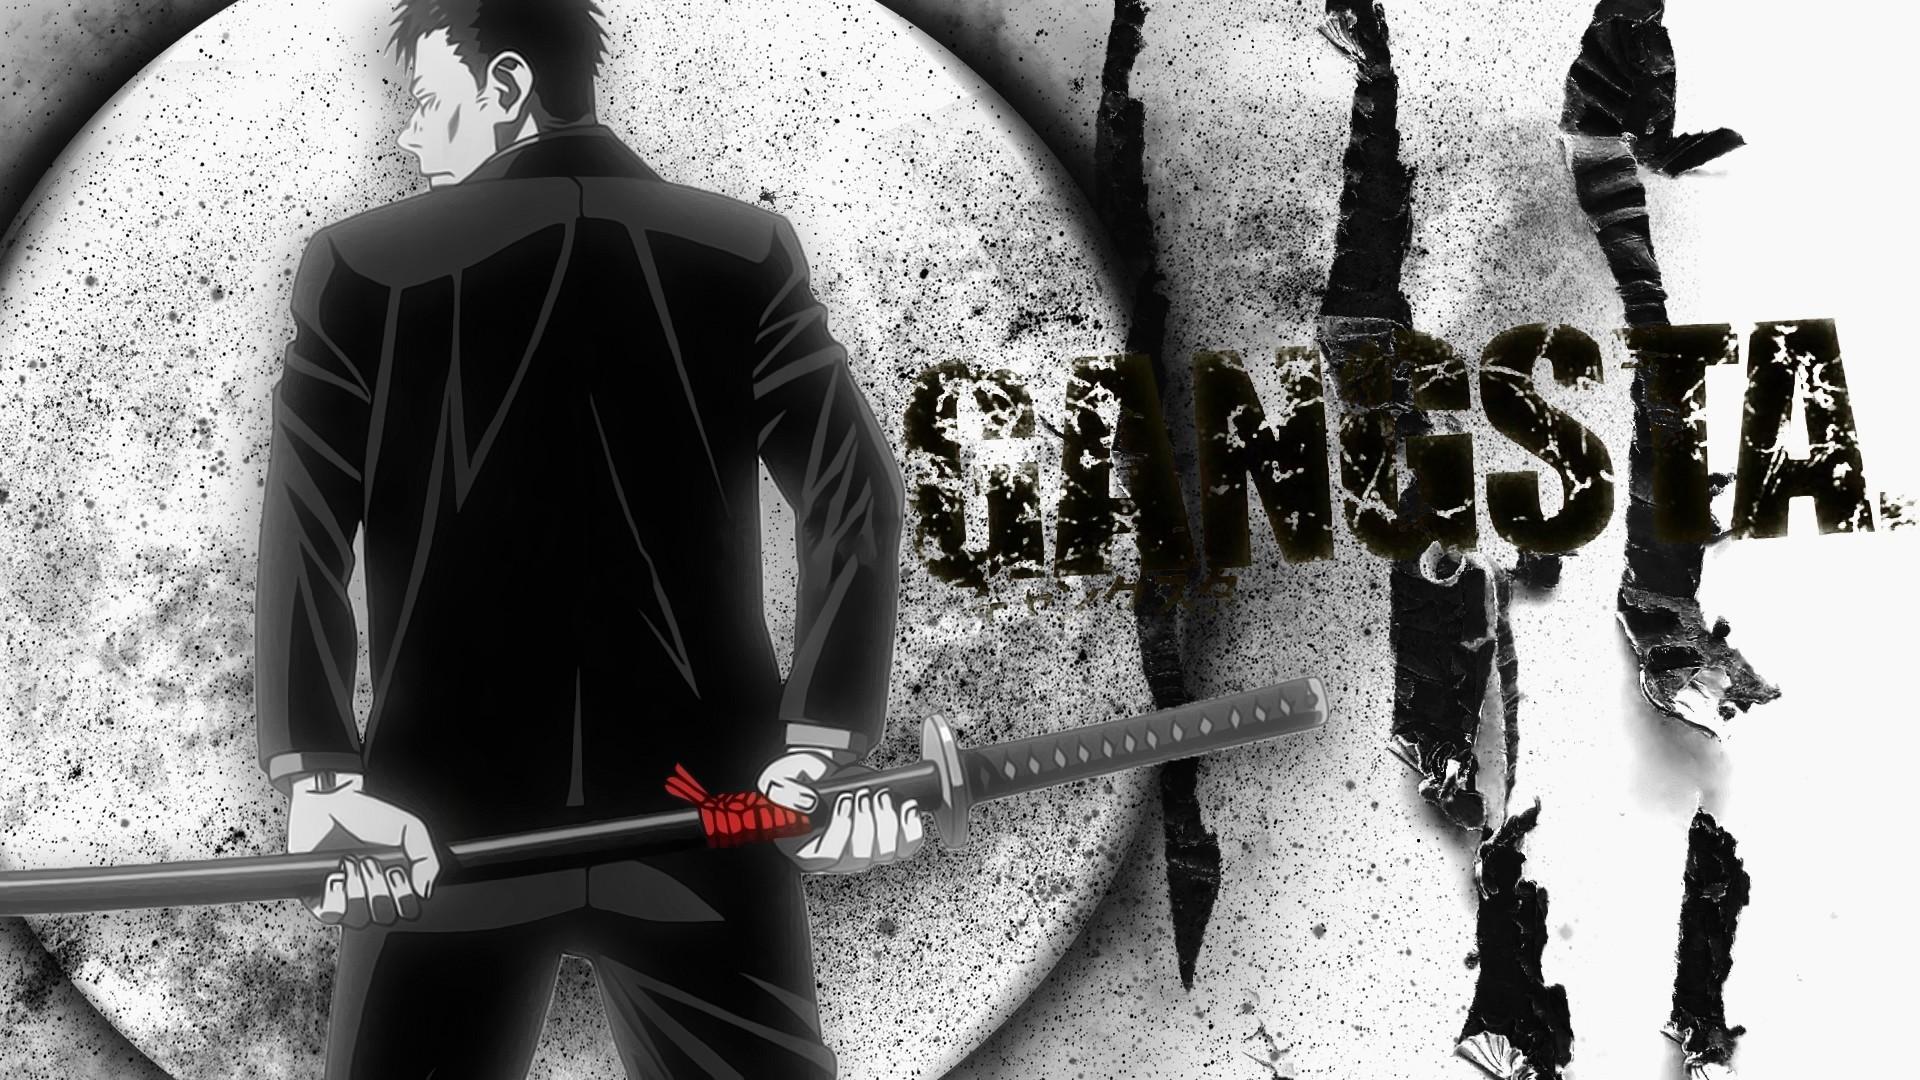 Gangsta Backgrounds (70+ images)